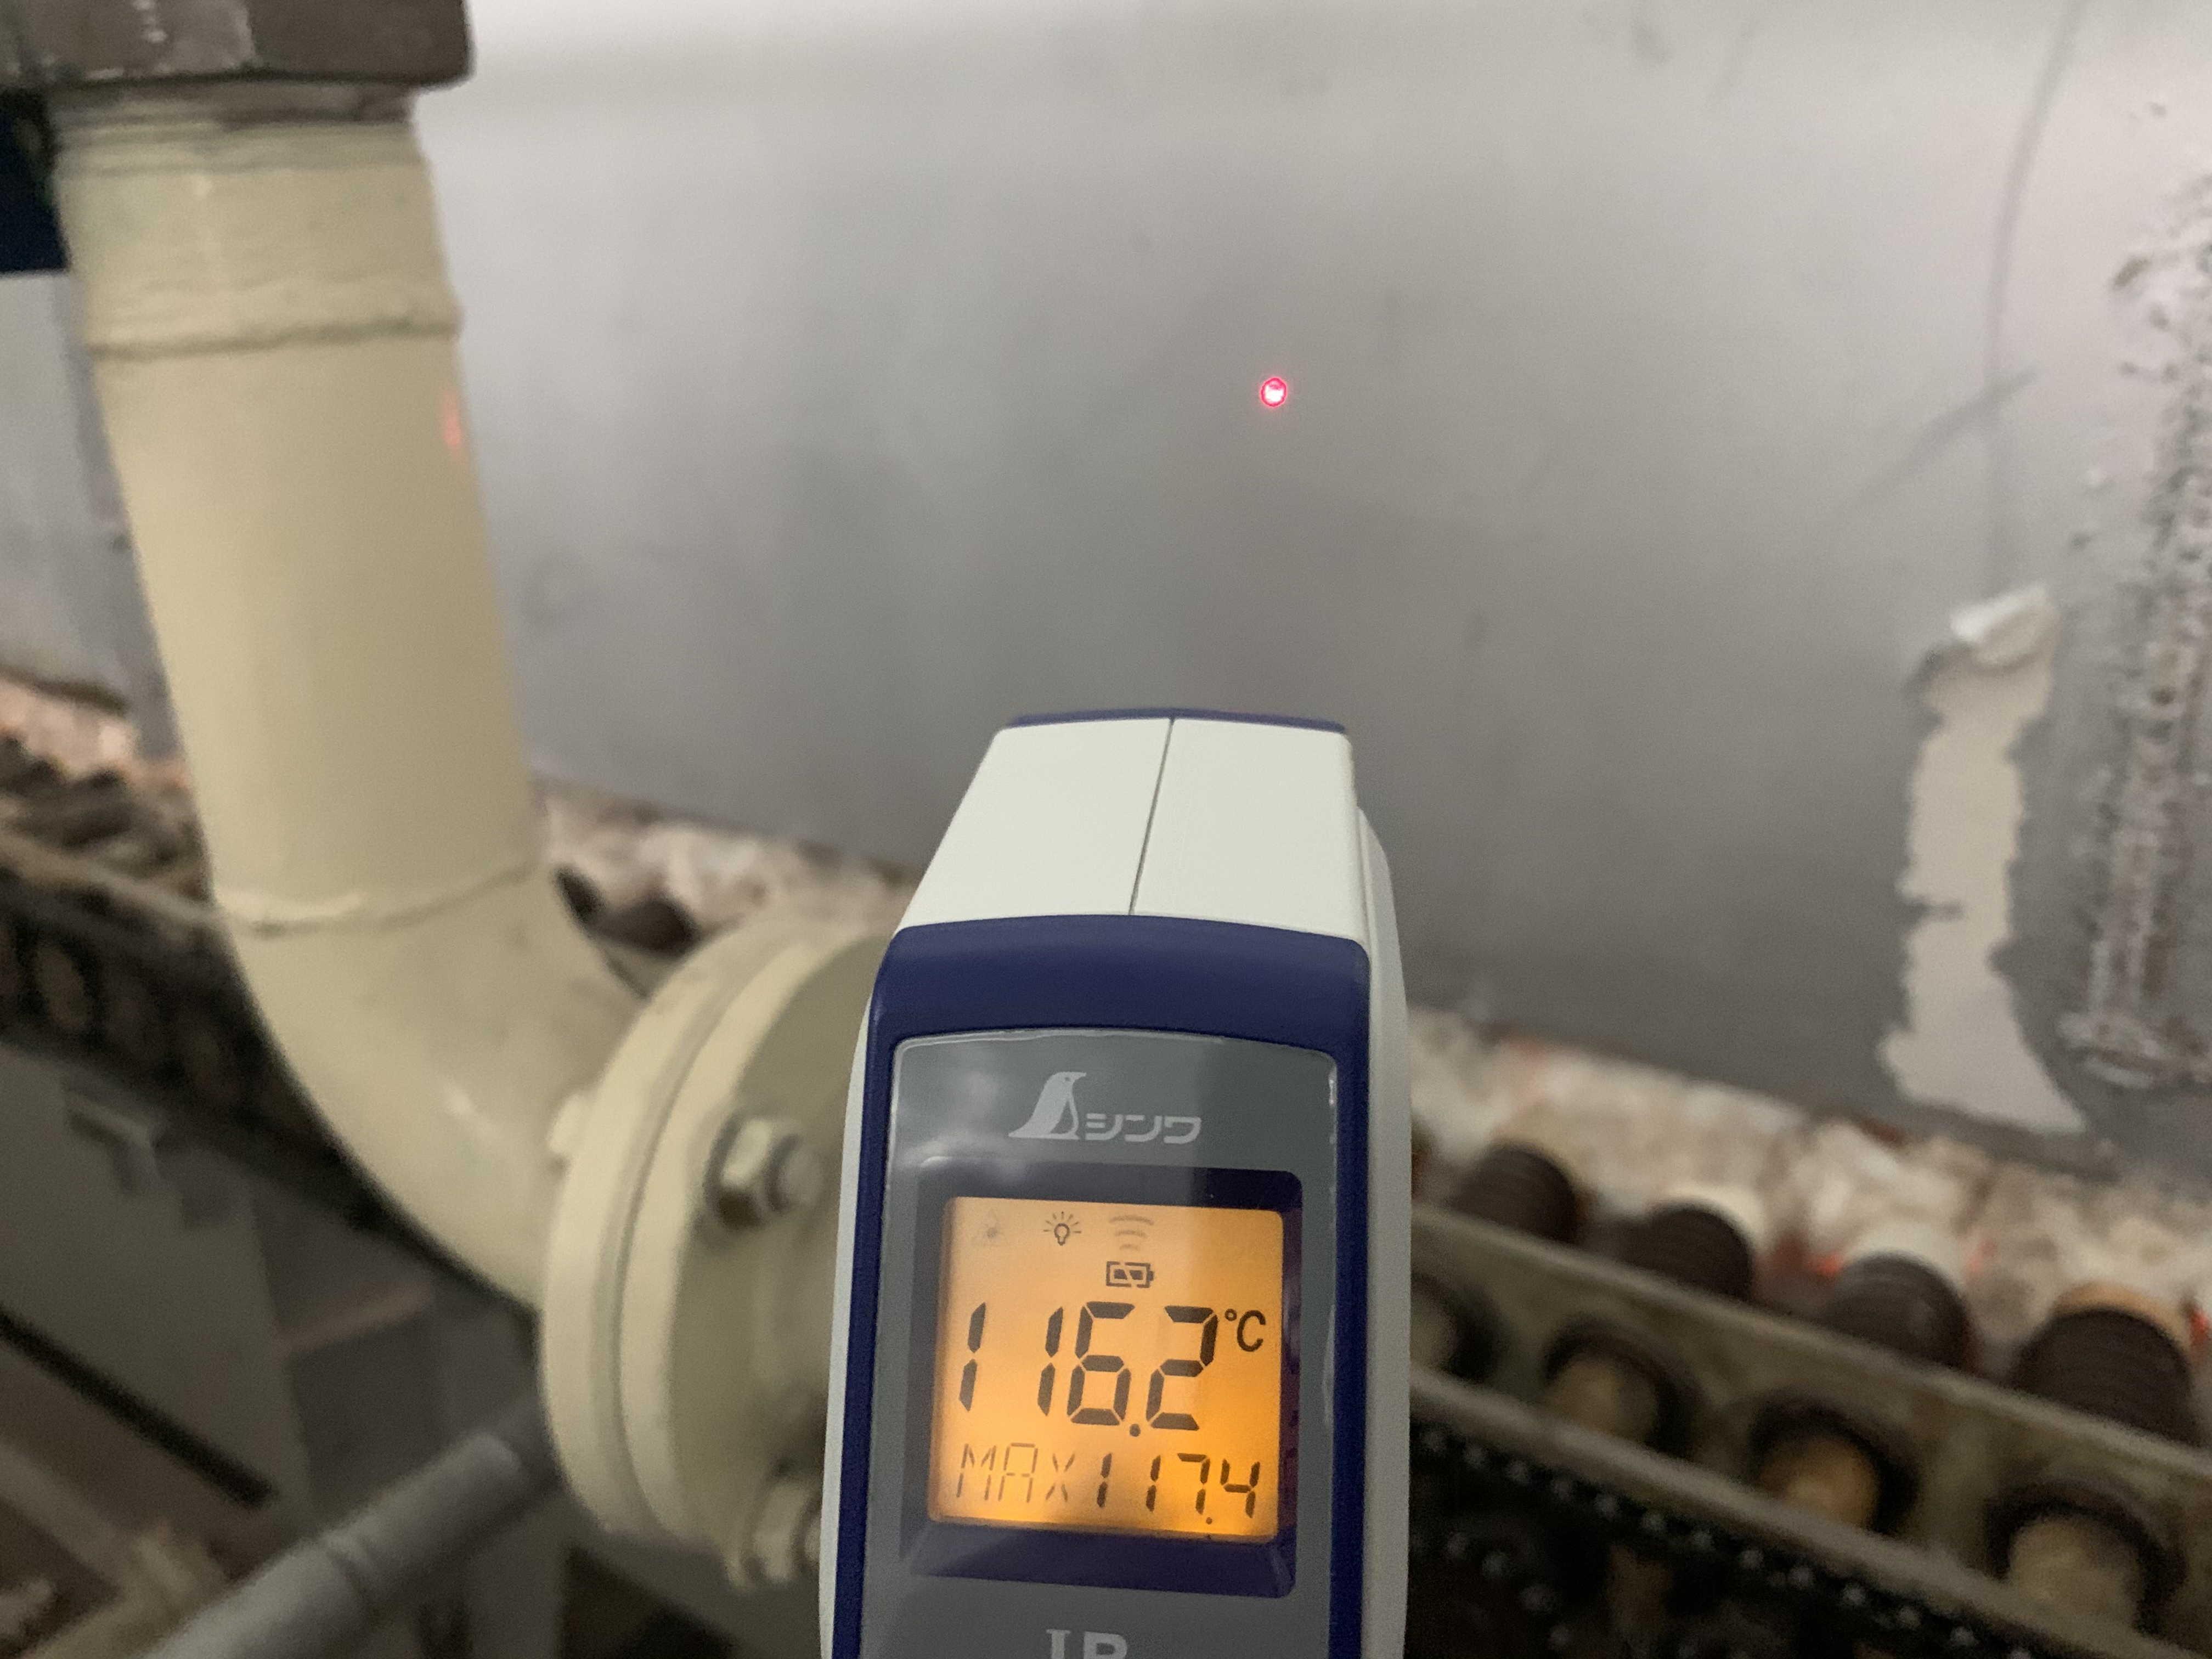 陶磁器の焼成炉から放出される熱対策<br>サーモバリアフィットで夏・冬ともに快適に